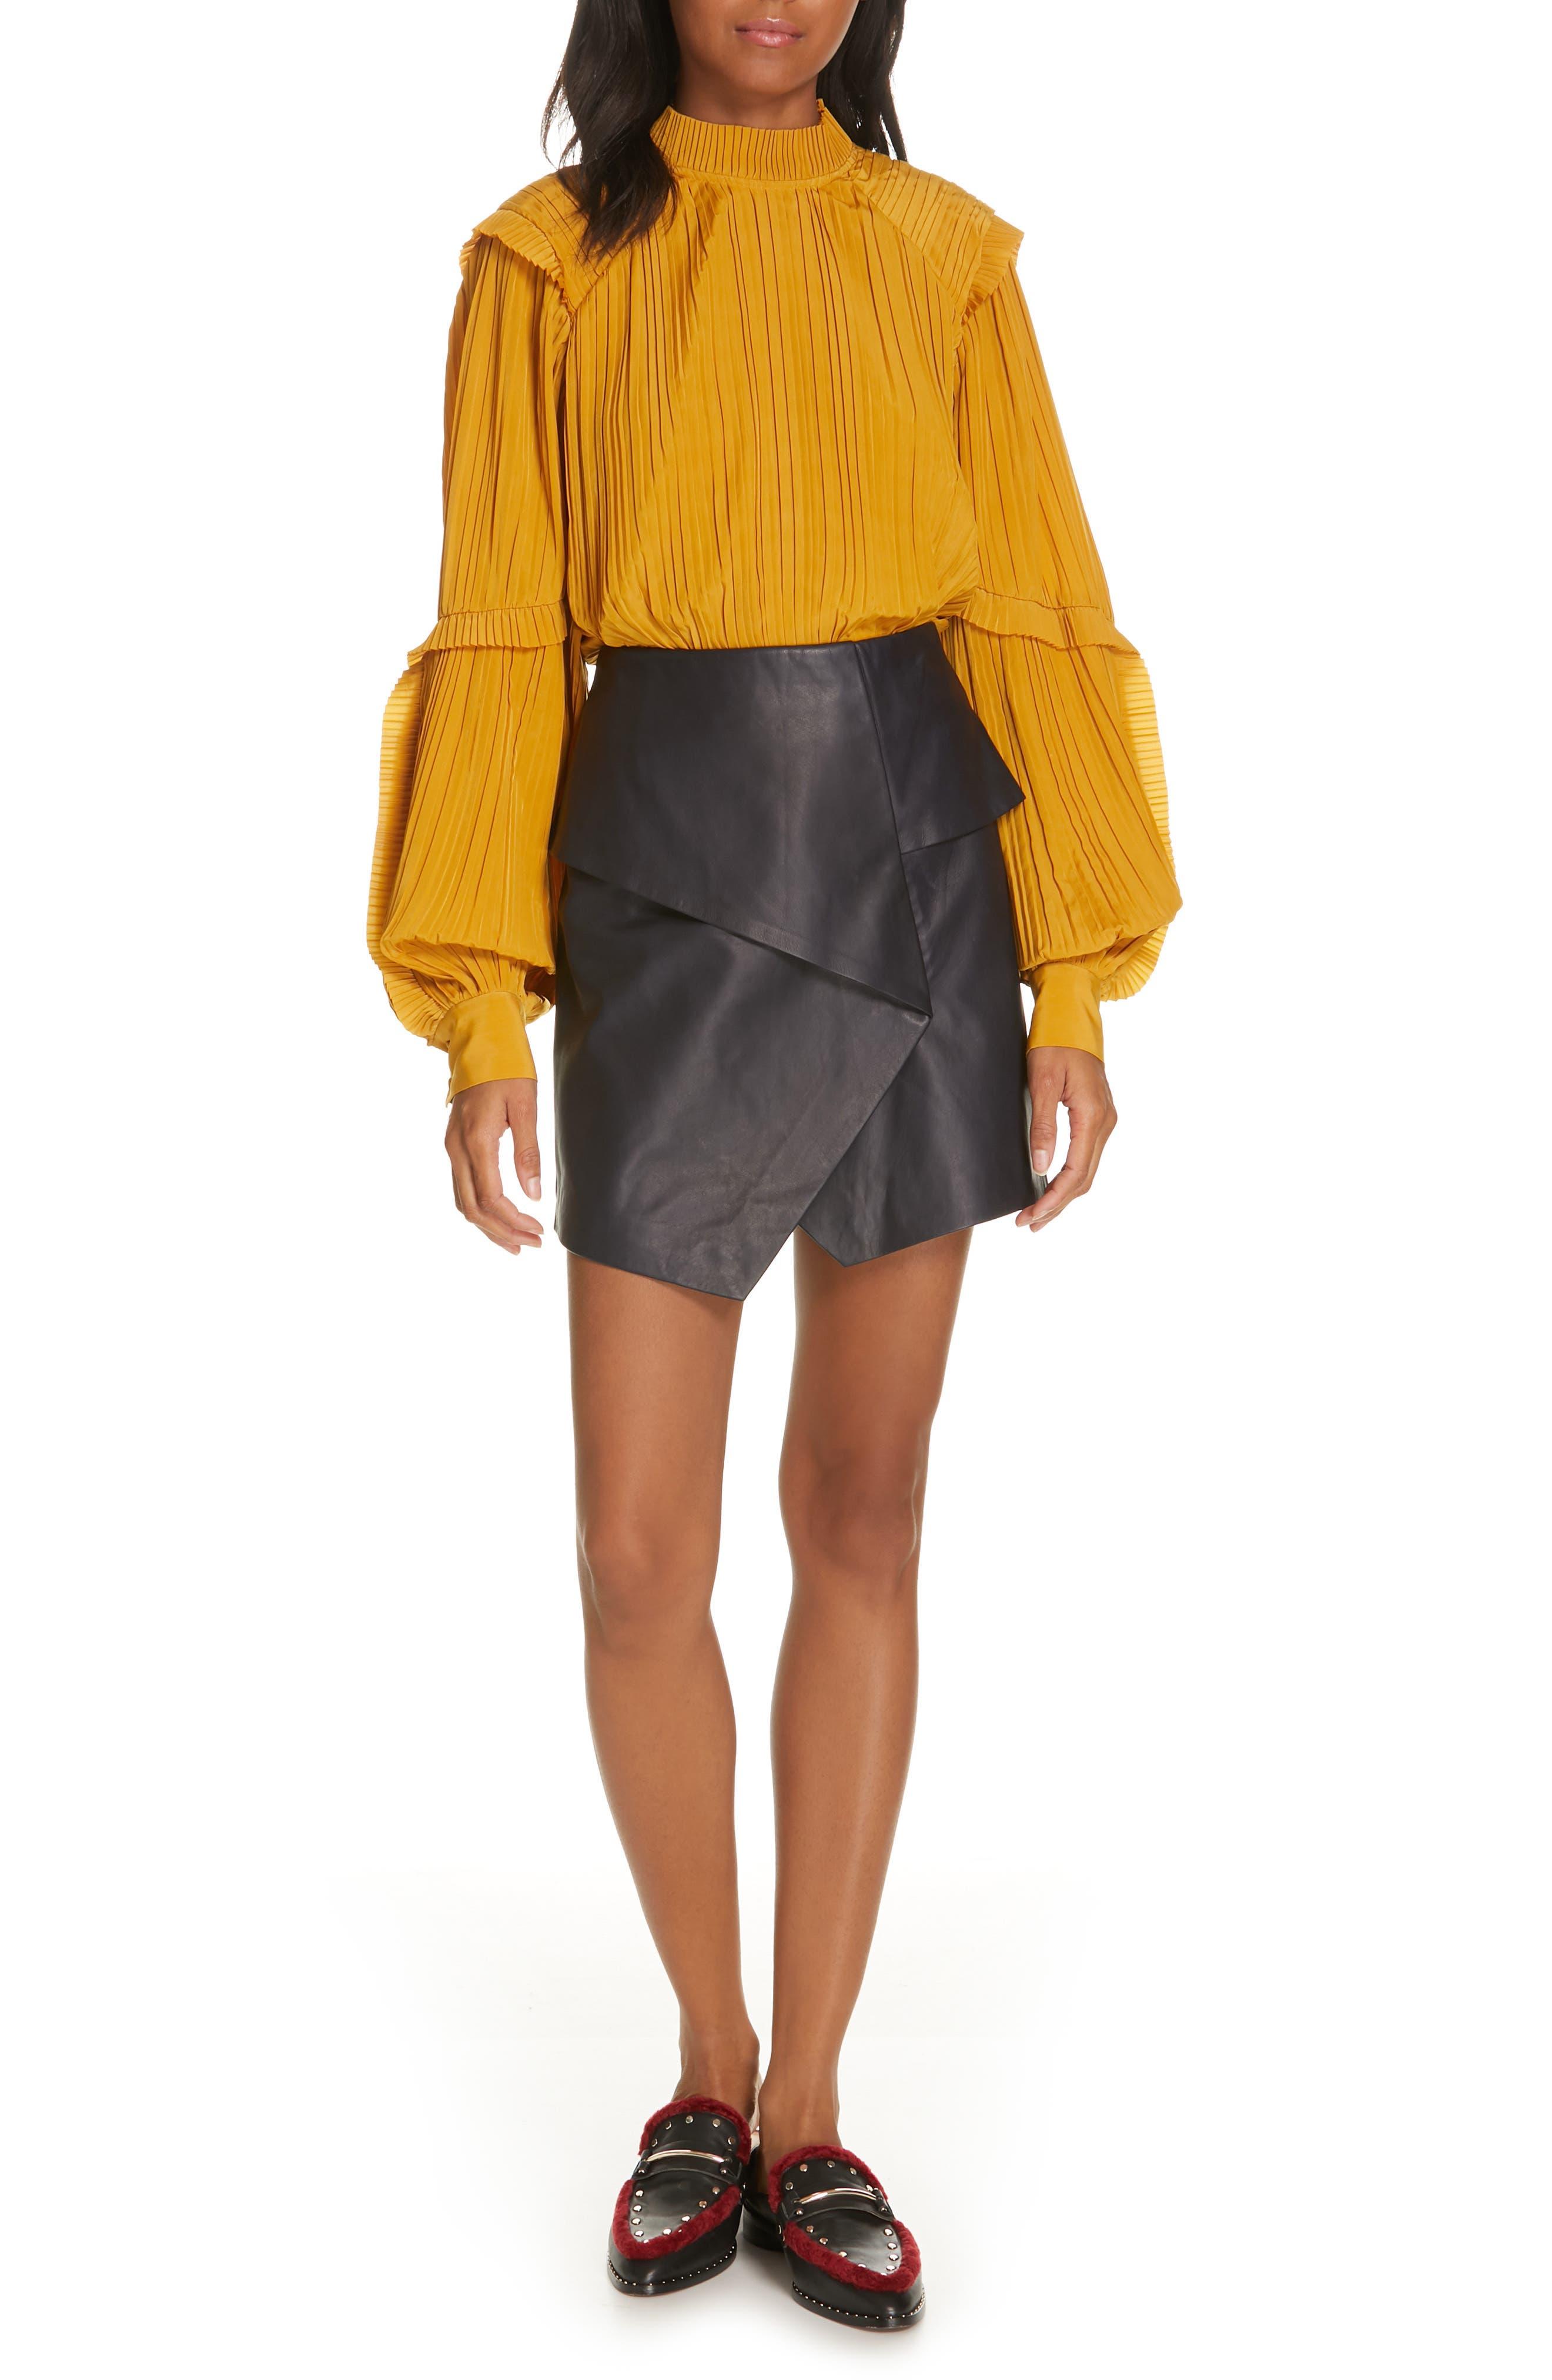 JOIE, Akirako Leather Miniskirt, Alternate thumbnail 7, color, MIDNIGHT